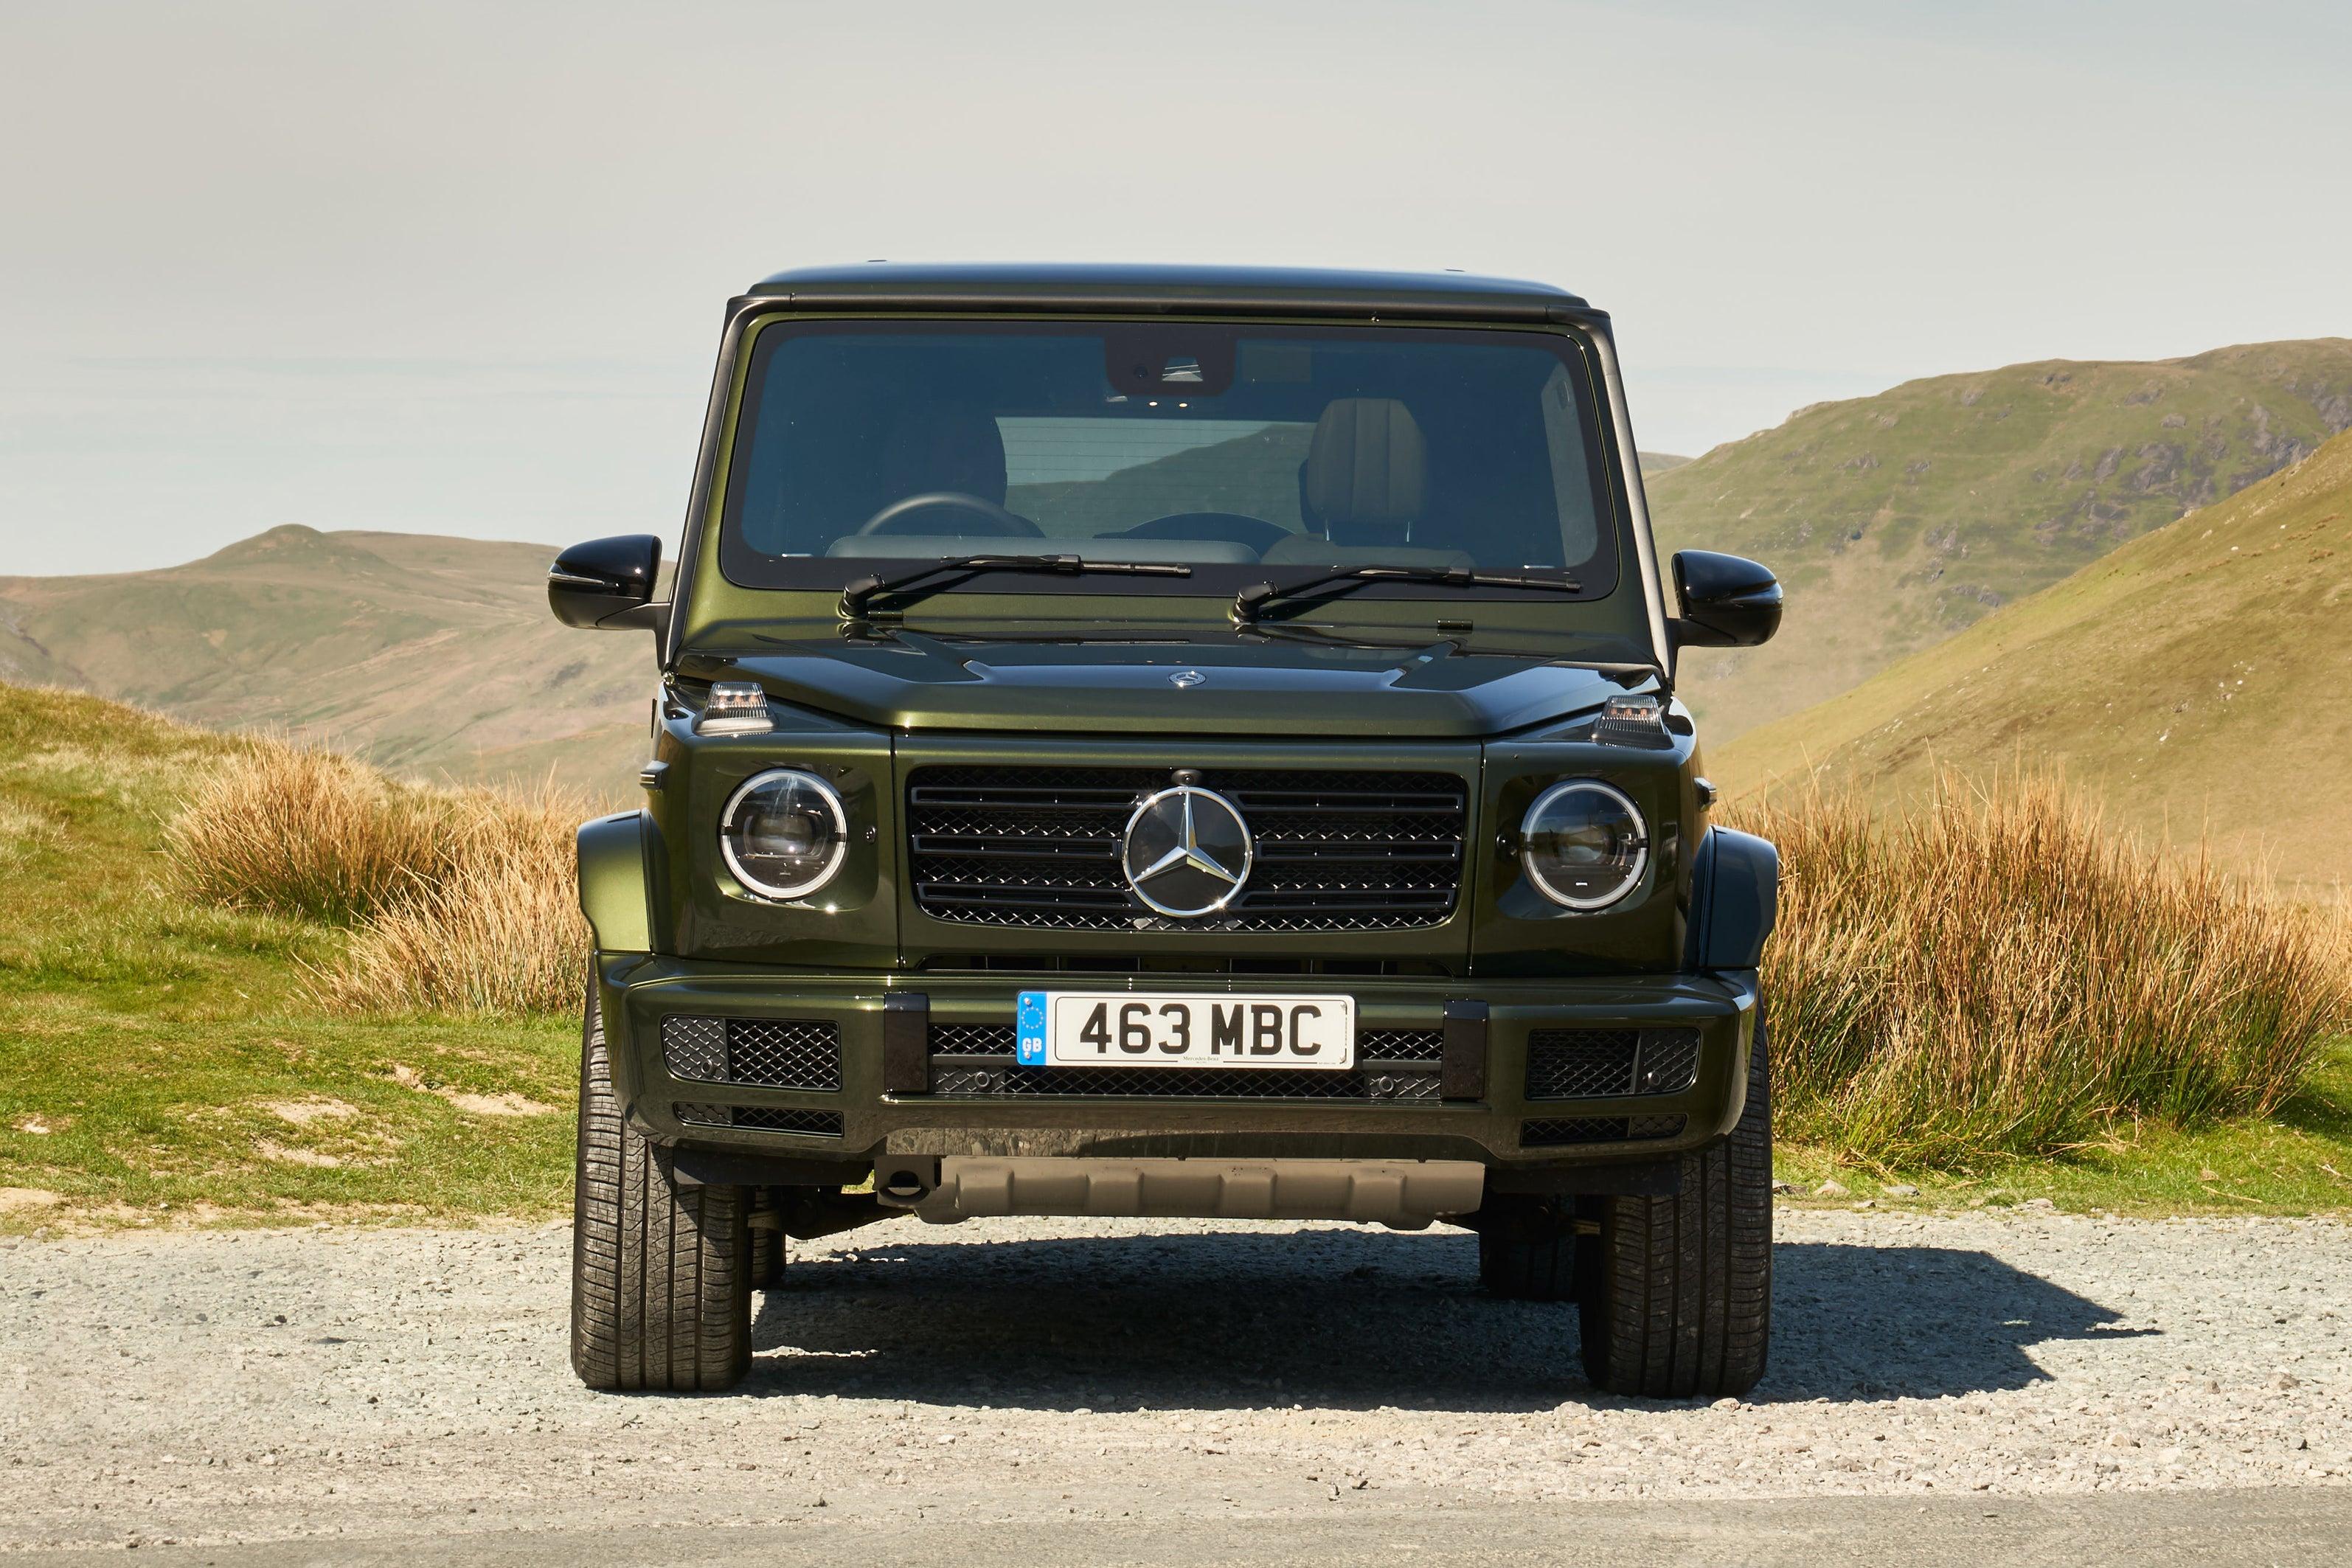 Mercedes G-Class front exterior